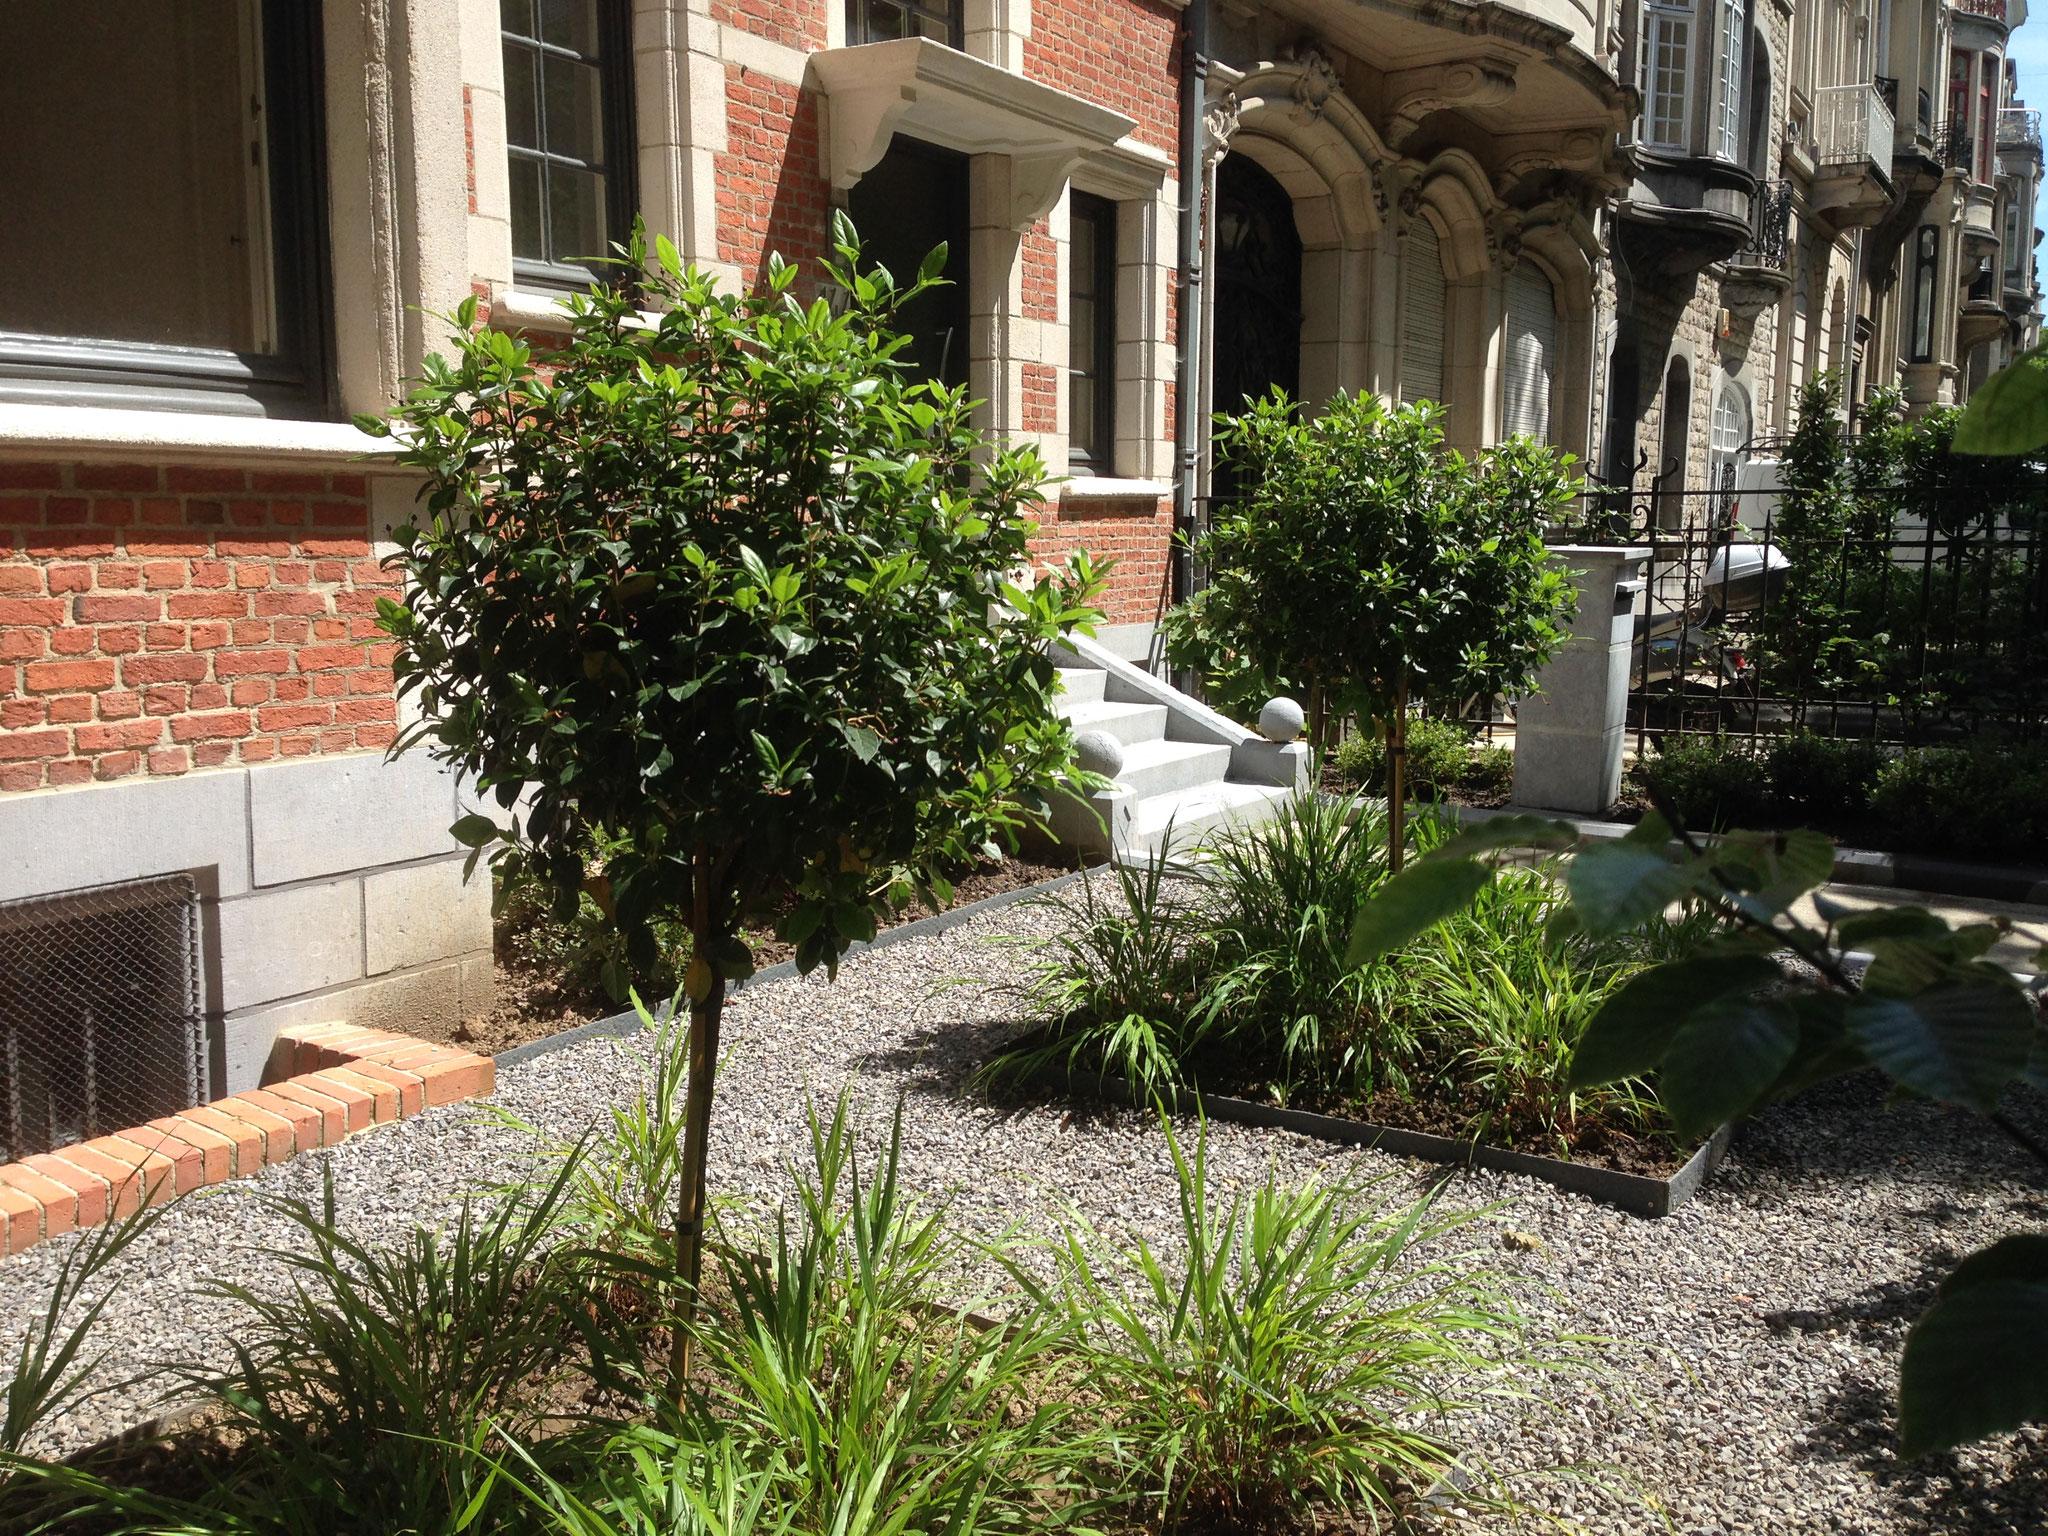 Jardin avant de ville - Conception & réalisation - Photo personnelle. Amenagement jardin Bruxelles